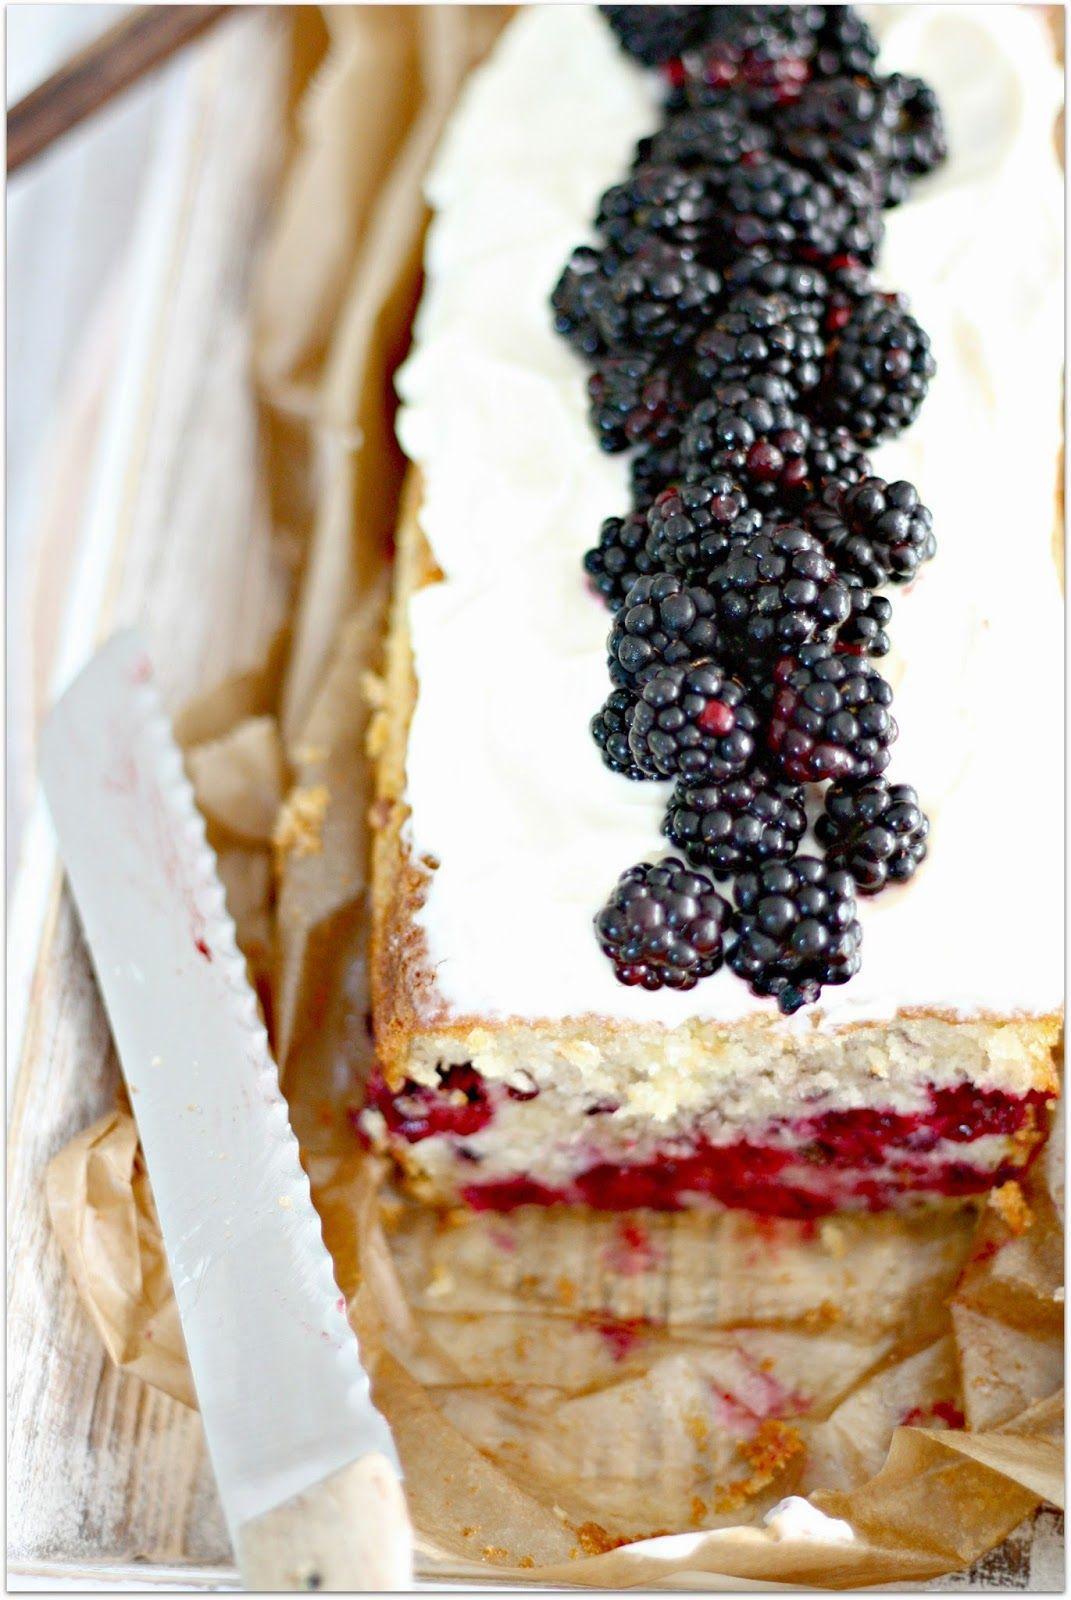 Brombeer Kuchen Mit Frischkase Topping Brombeere Kuchen